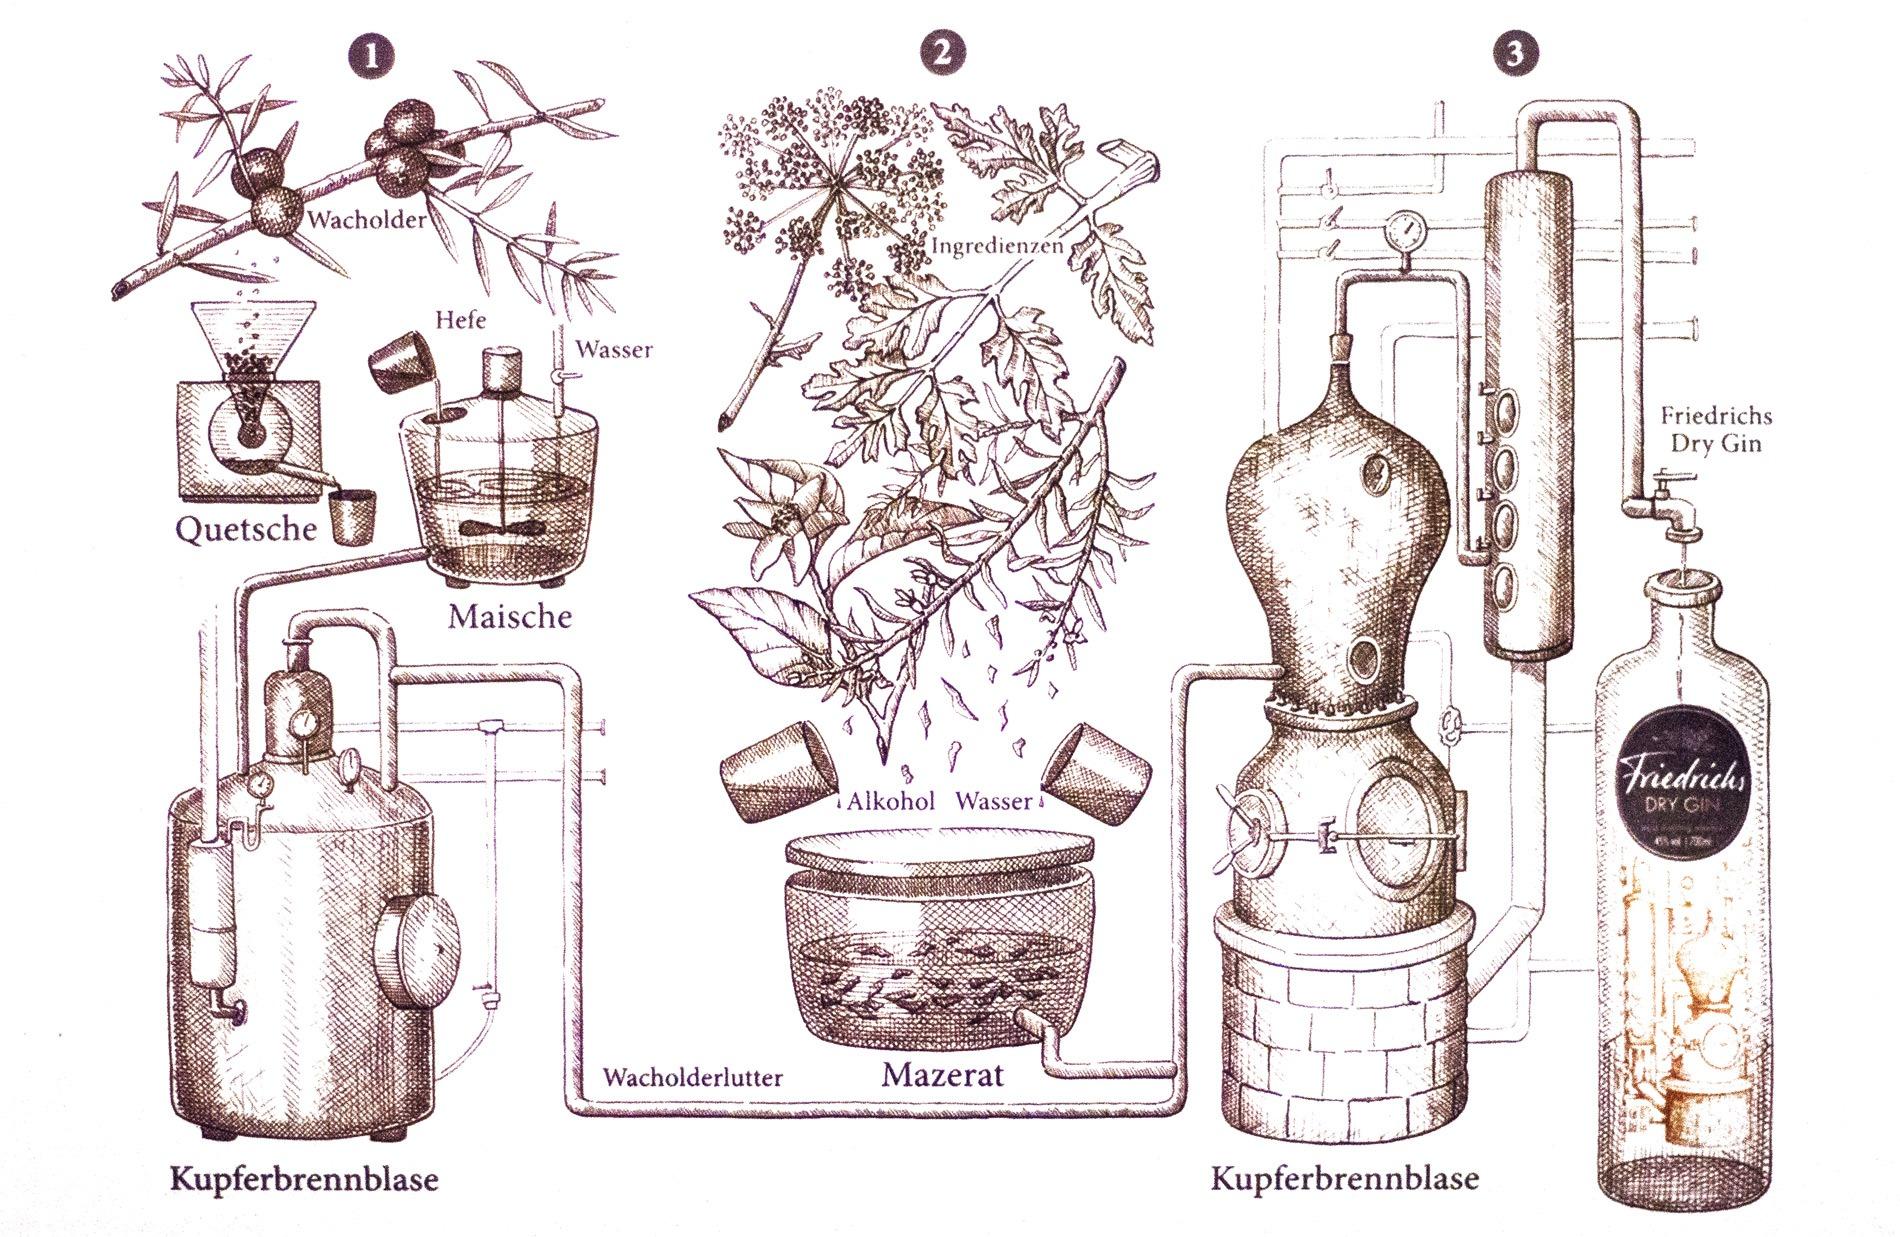 Friedrichs dry gin kupferstich